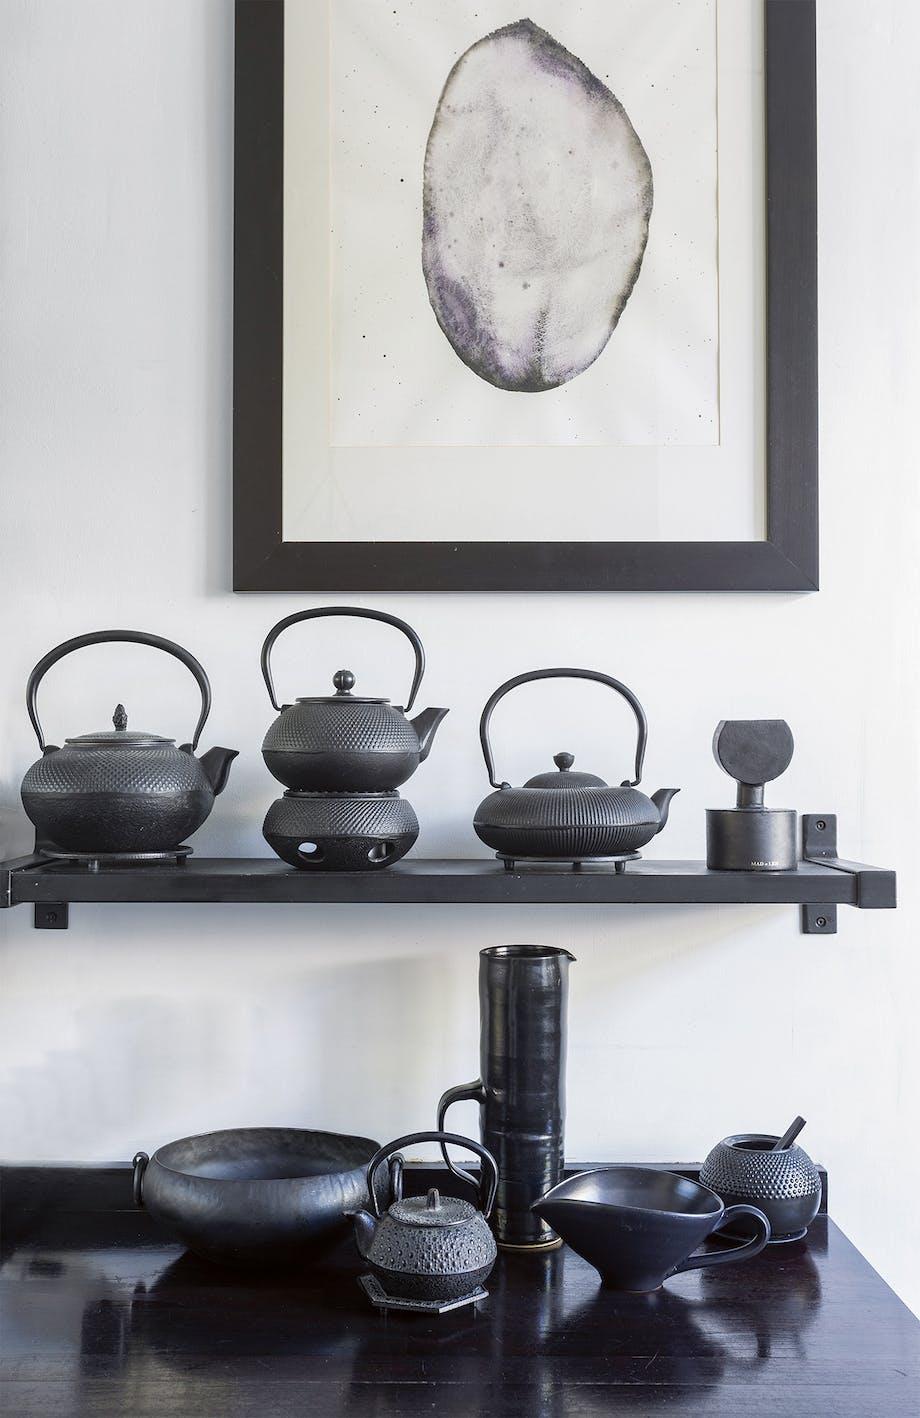 lejlighed villa indretning amager keramik te sort